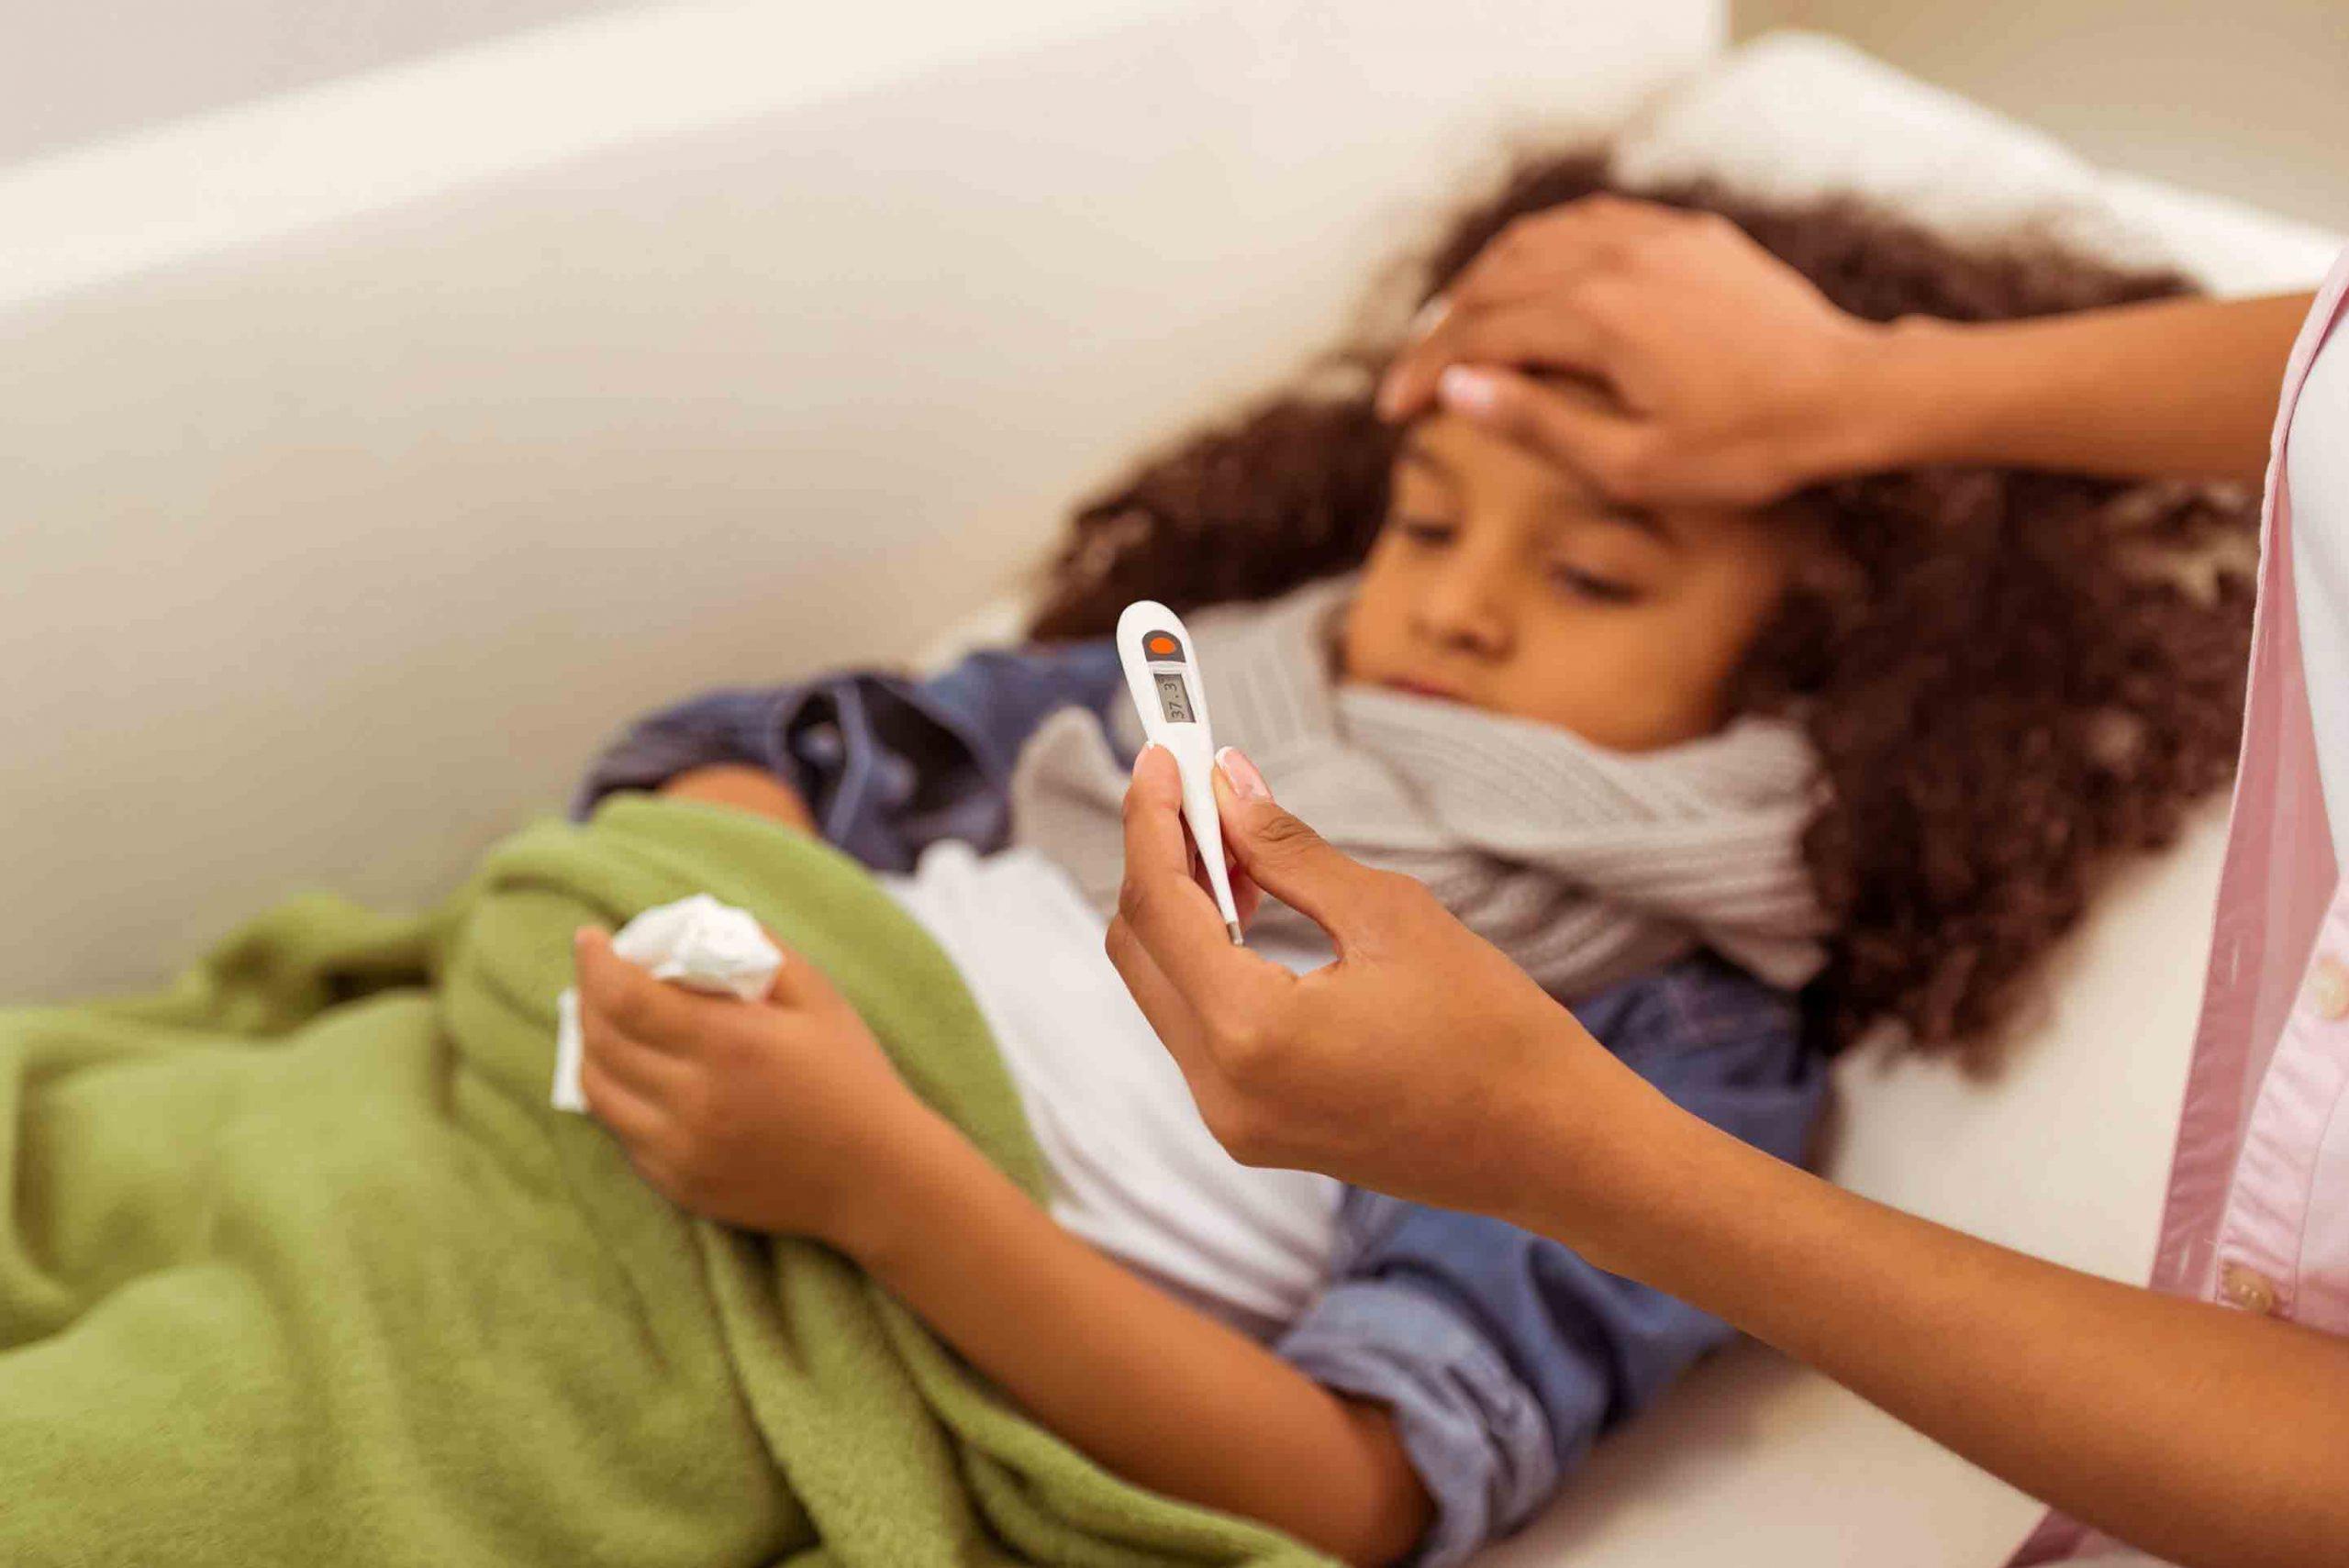 درمان تب و لرز در کودکان | خدمات پرستاری در منزل